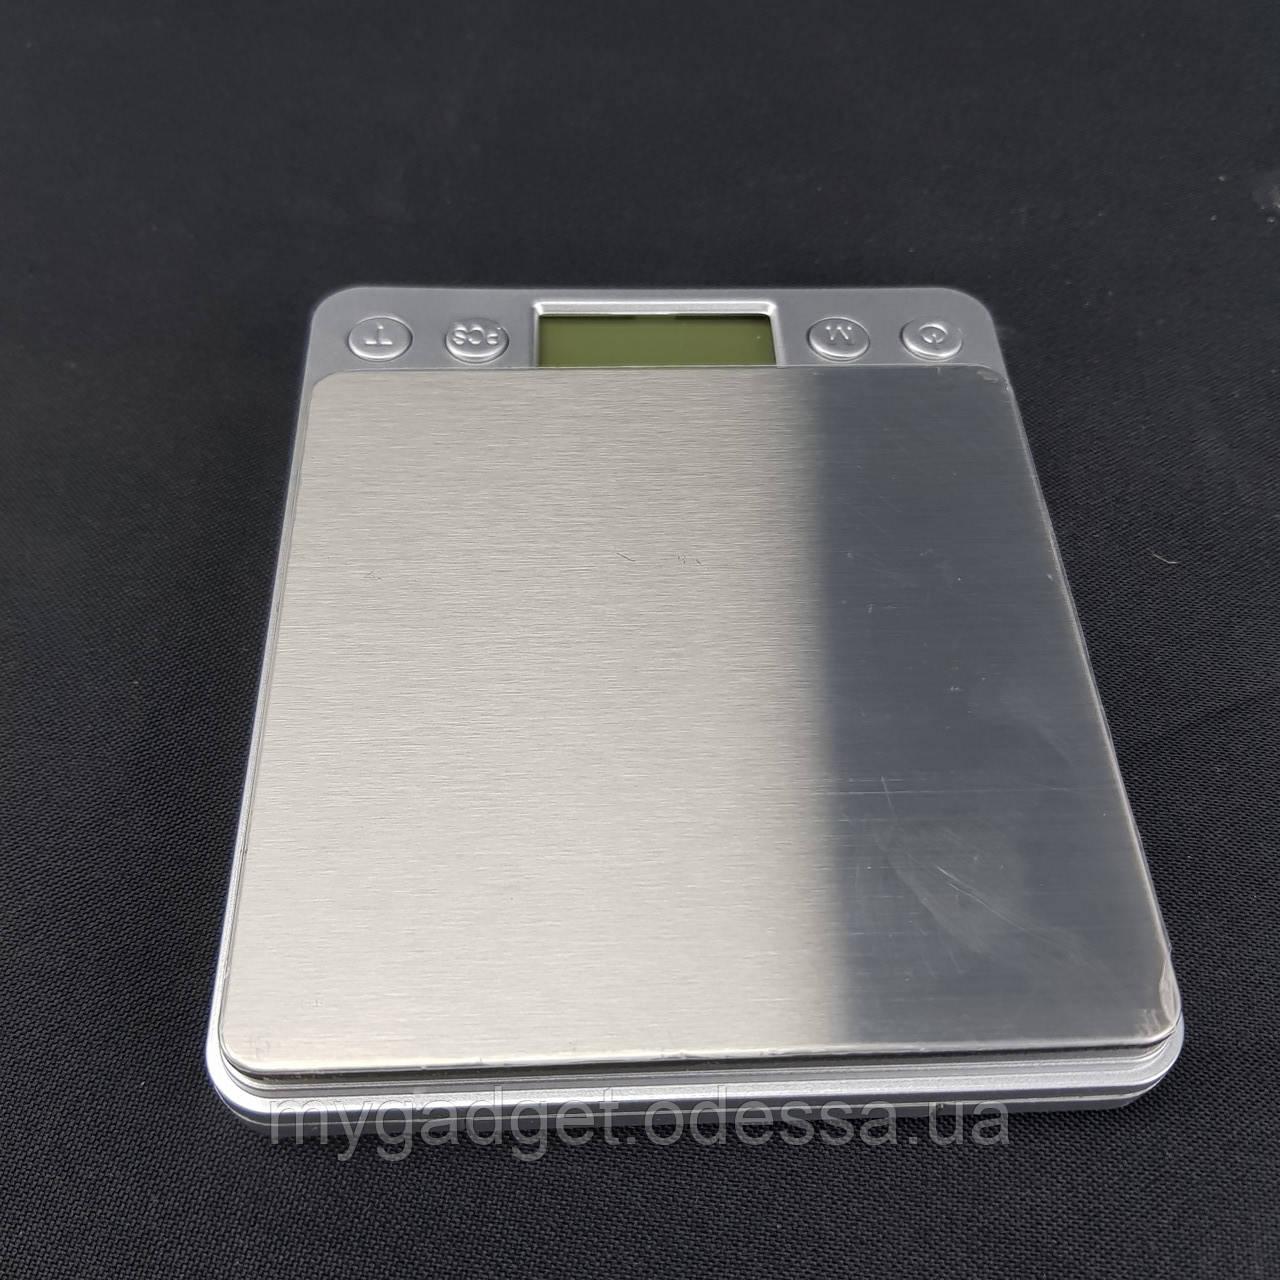 Ювелирные электронные универсальные весы MH-267